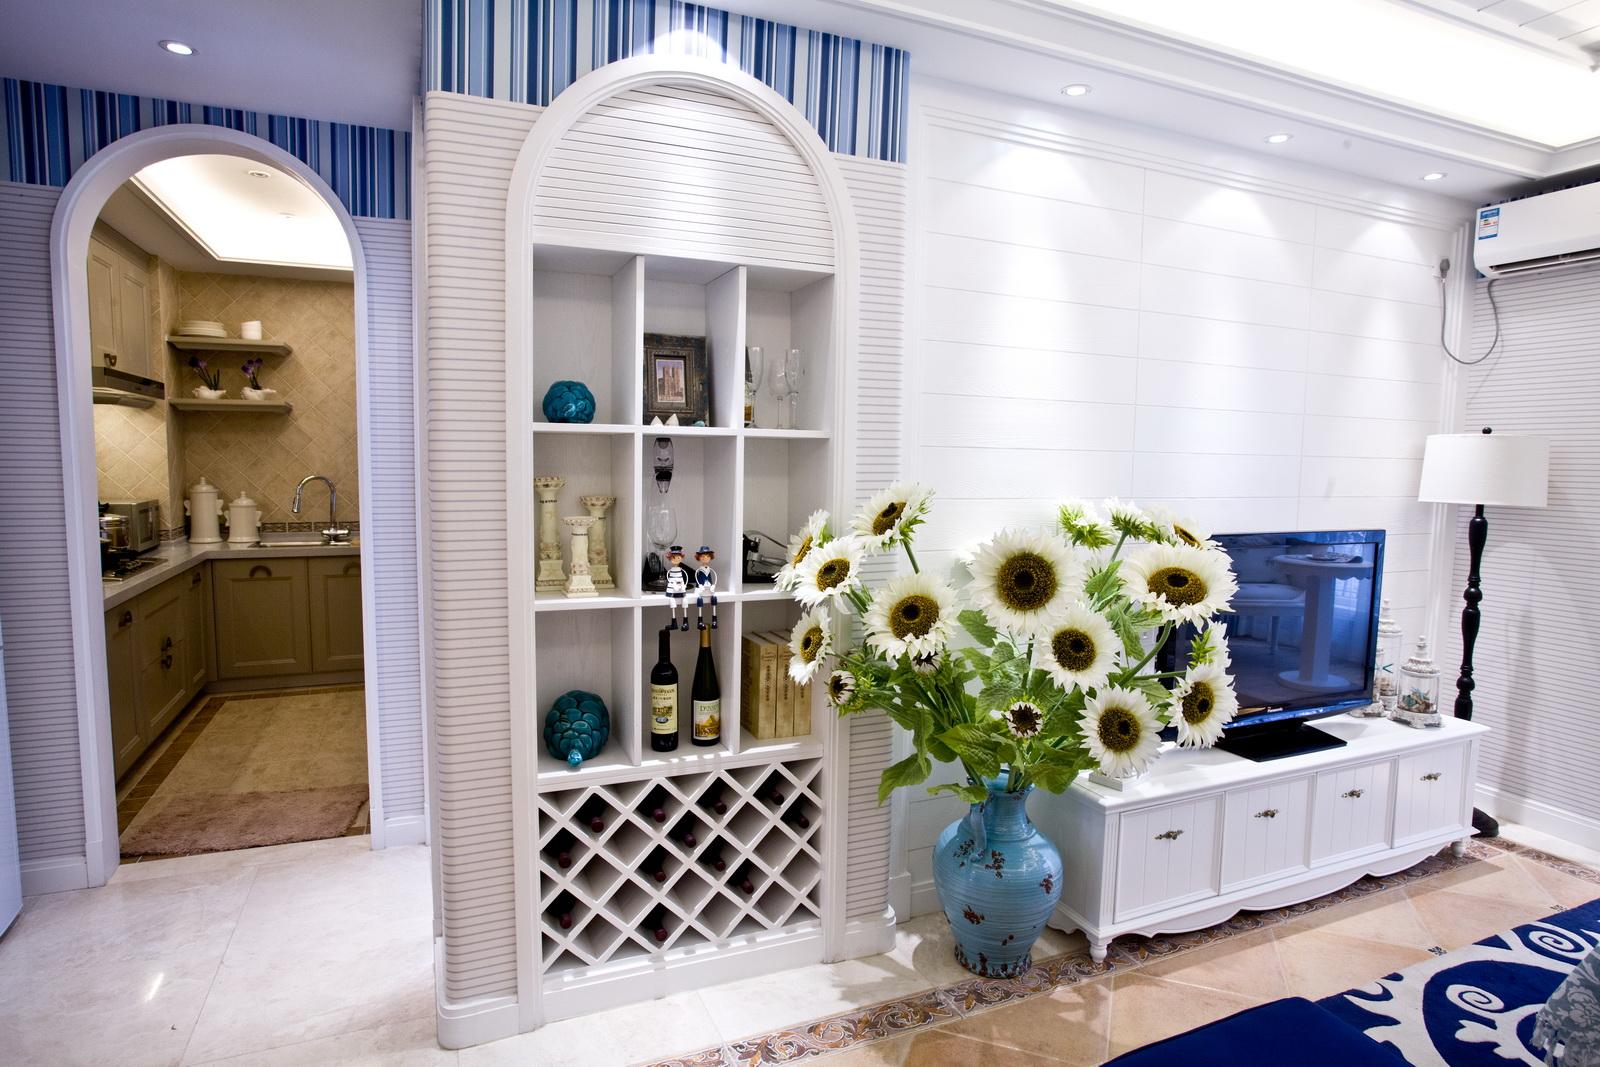 厨房设计比较特别,想暗格一样的空间,沉稳兼跳跃。